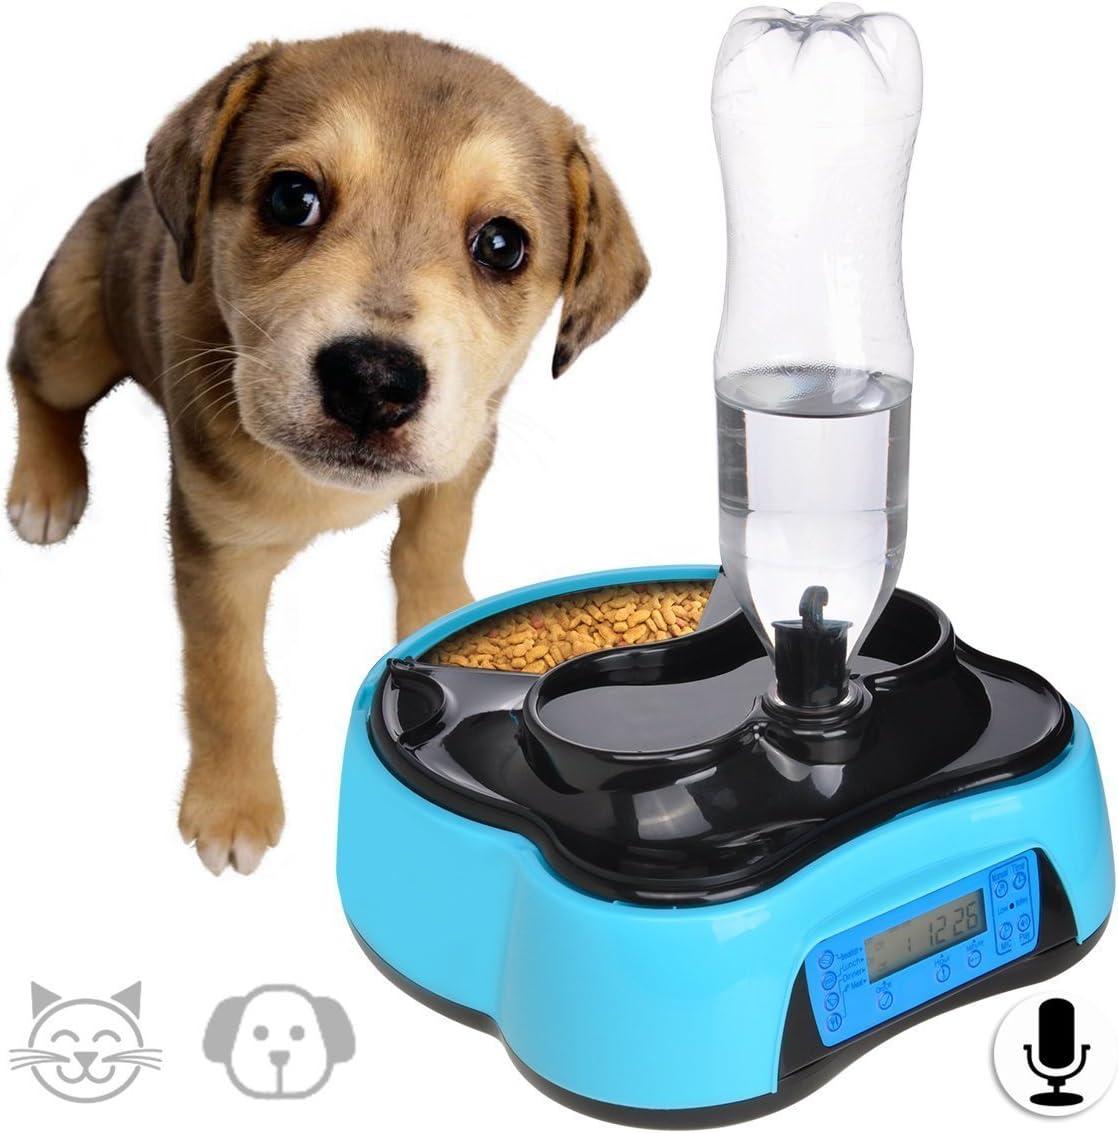 Iseebiz Comedero Automatico Perro 1.6L Alimentador Automatico Gatos con Dispositivo Bebedero Grabación de Voz y Temporizador